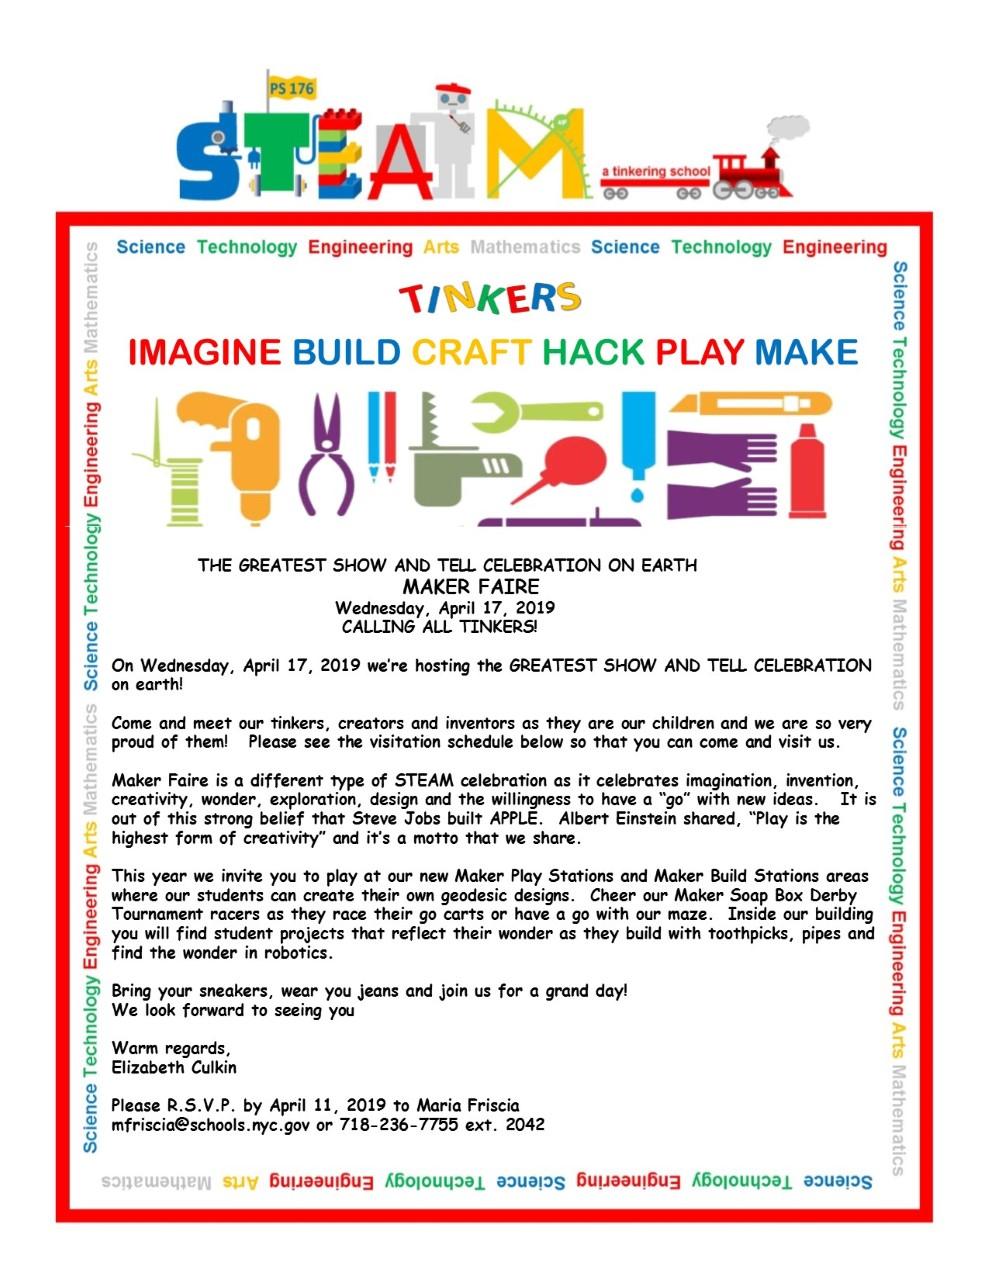 Maker faire post 3